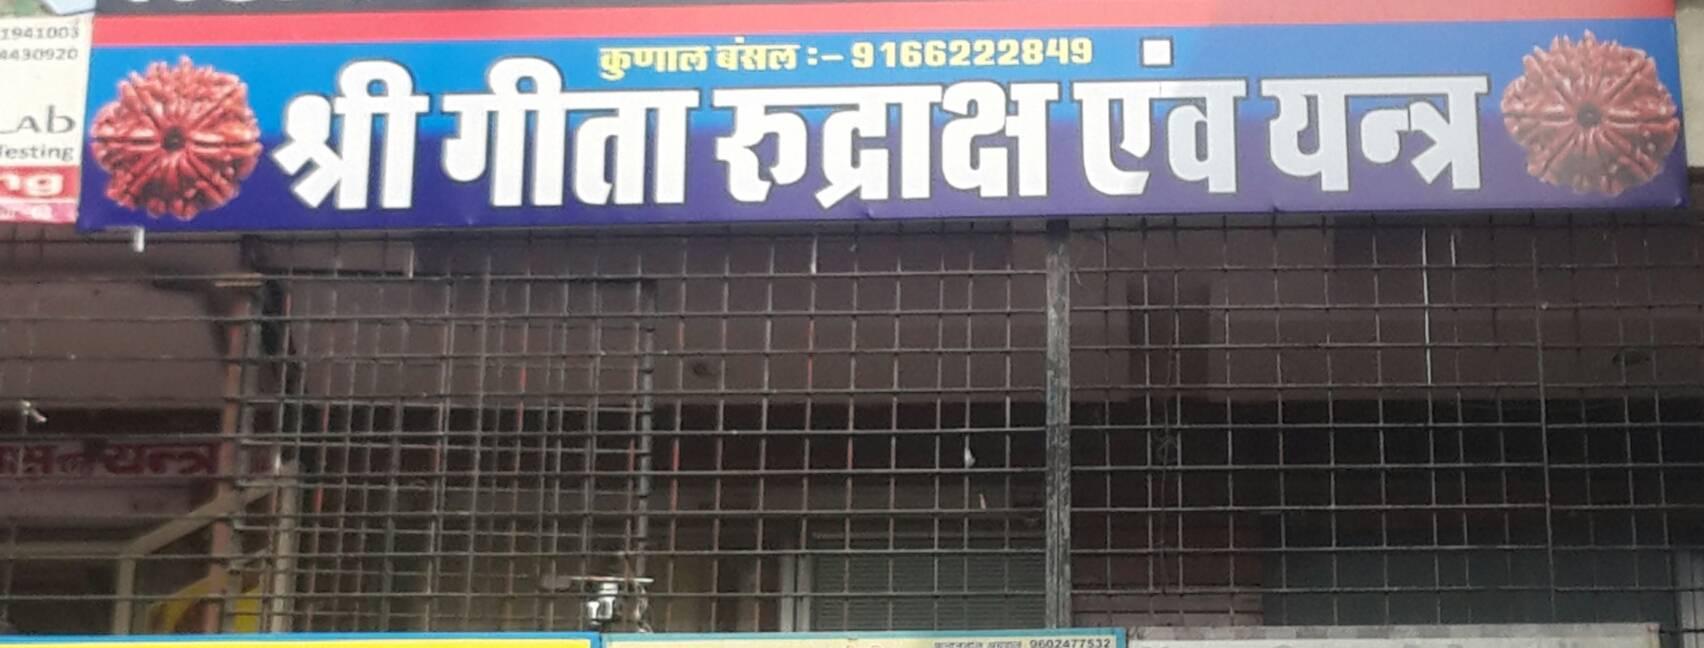 Top 50 Puja Item Dealers in Jaipur - Best Pooja Item Dealers - Justdial